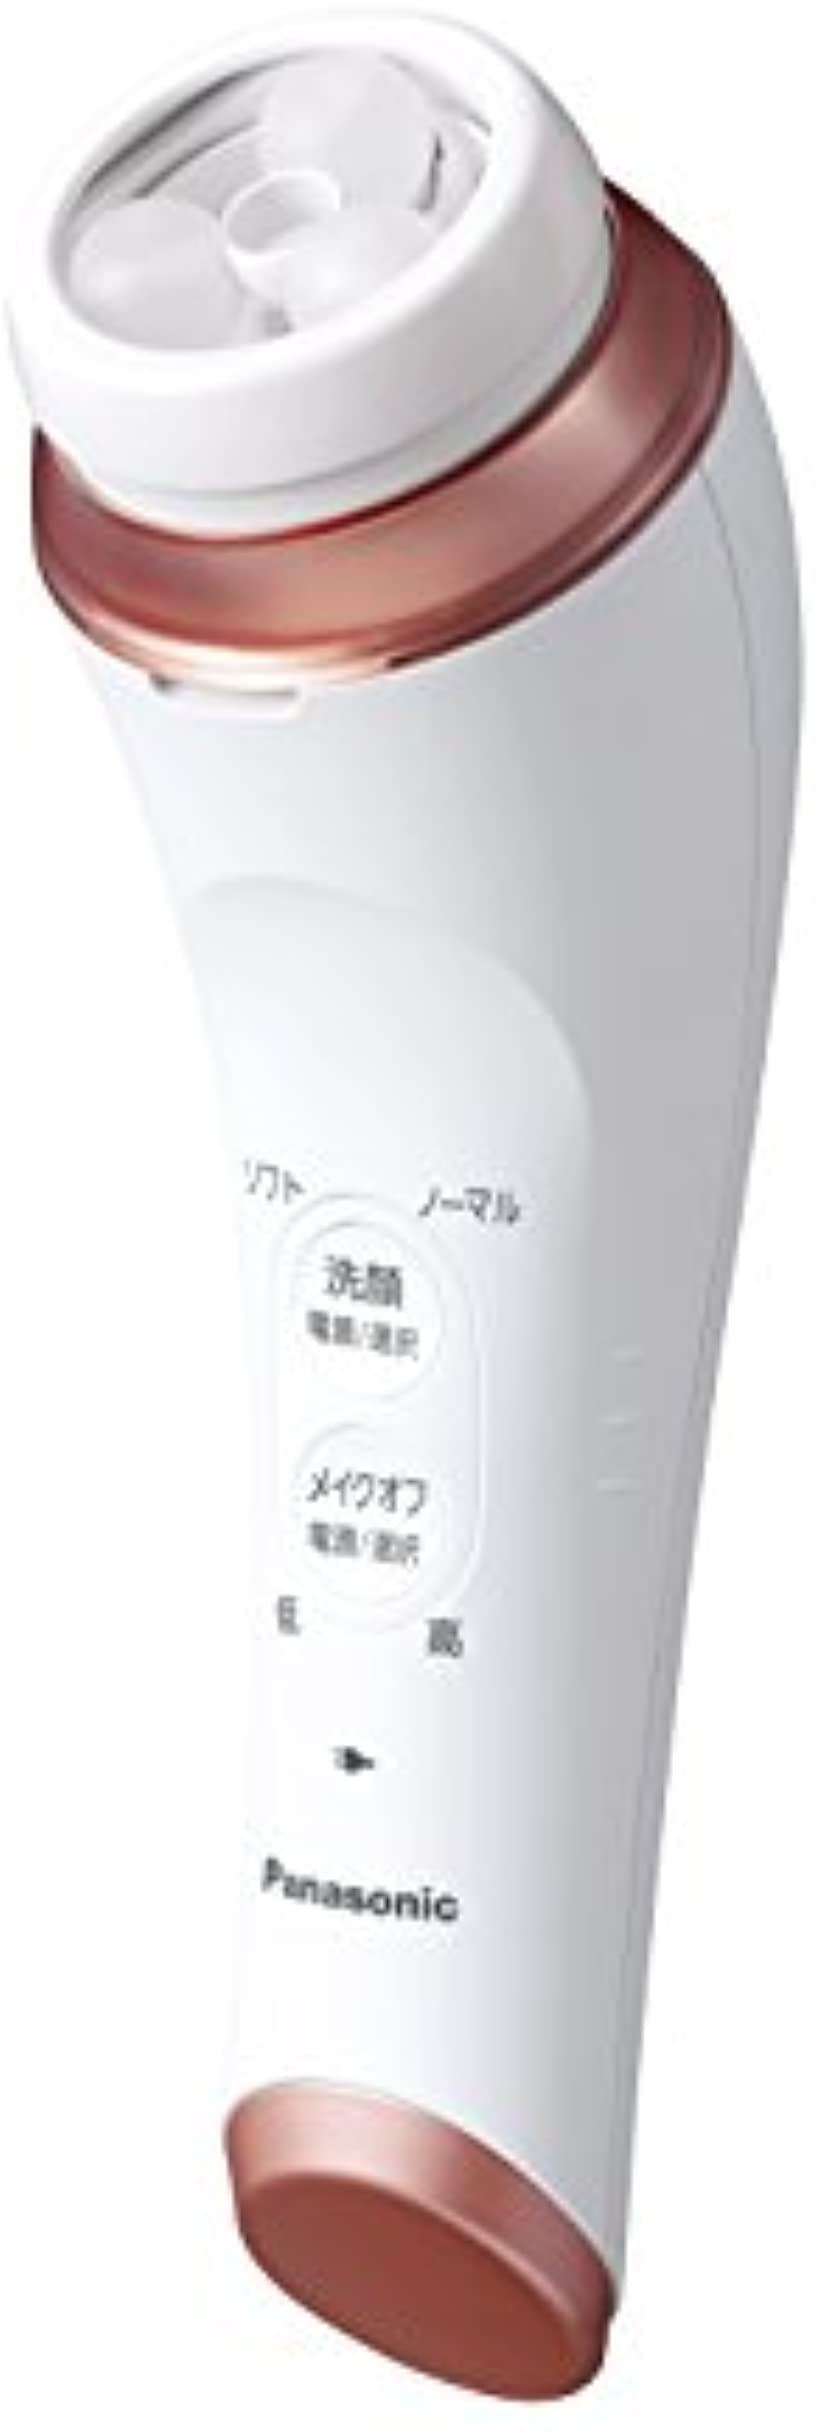 美顔器 濃密泡エステ EH-SC65-P(ピンク調)